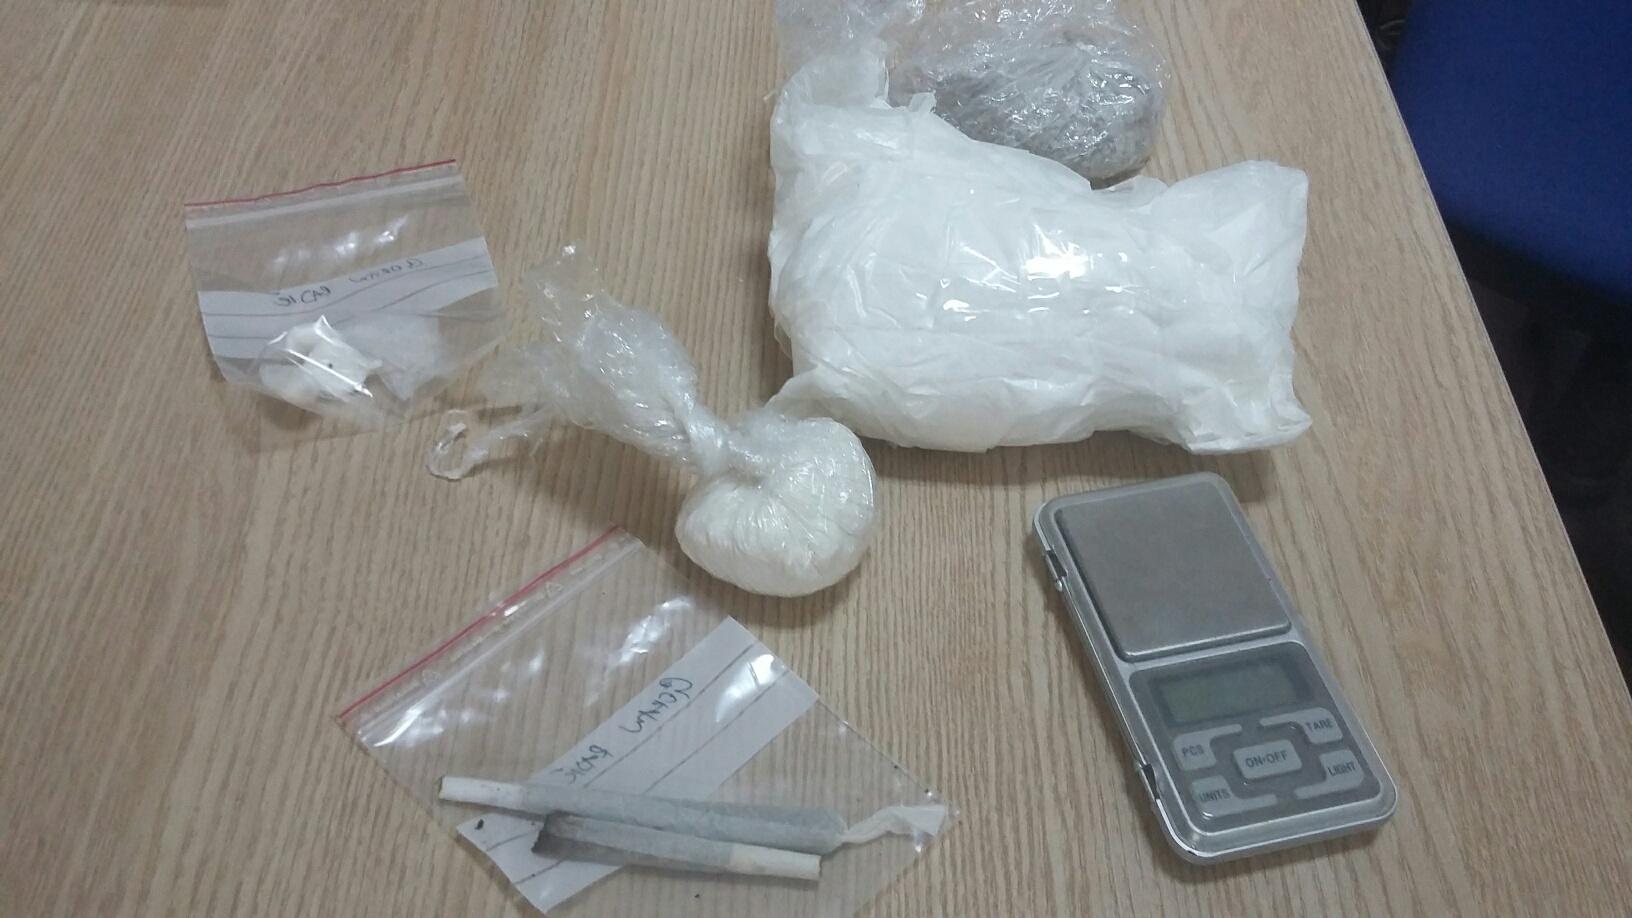 Droge ima, puši se marihuna, koristi heroin, ali po broju liječenih ovisnika, u županiji se drogira ispod hrvatskog prosjeka